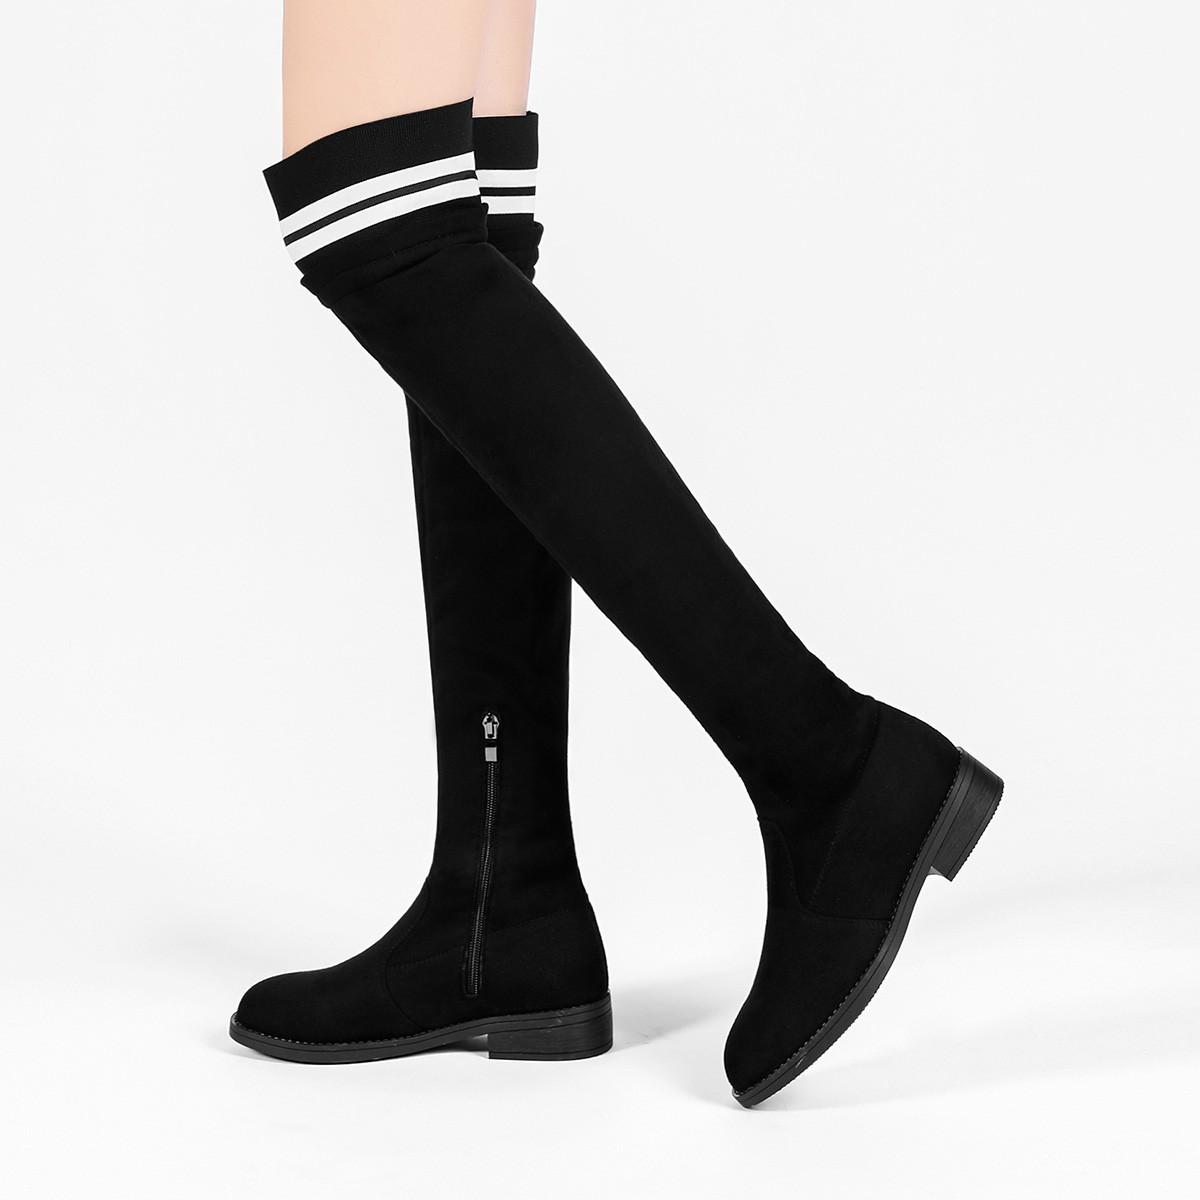 卡依特女靴冬季长靴过膝靴瘦瘦长腿弹力套筒学生保暖百搭简约长筒靴K84193128